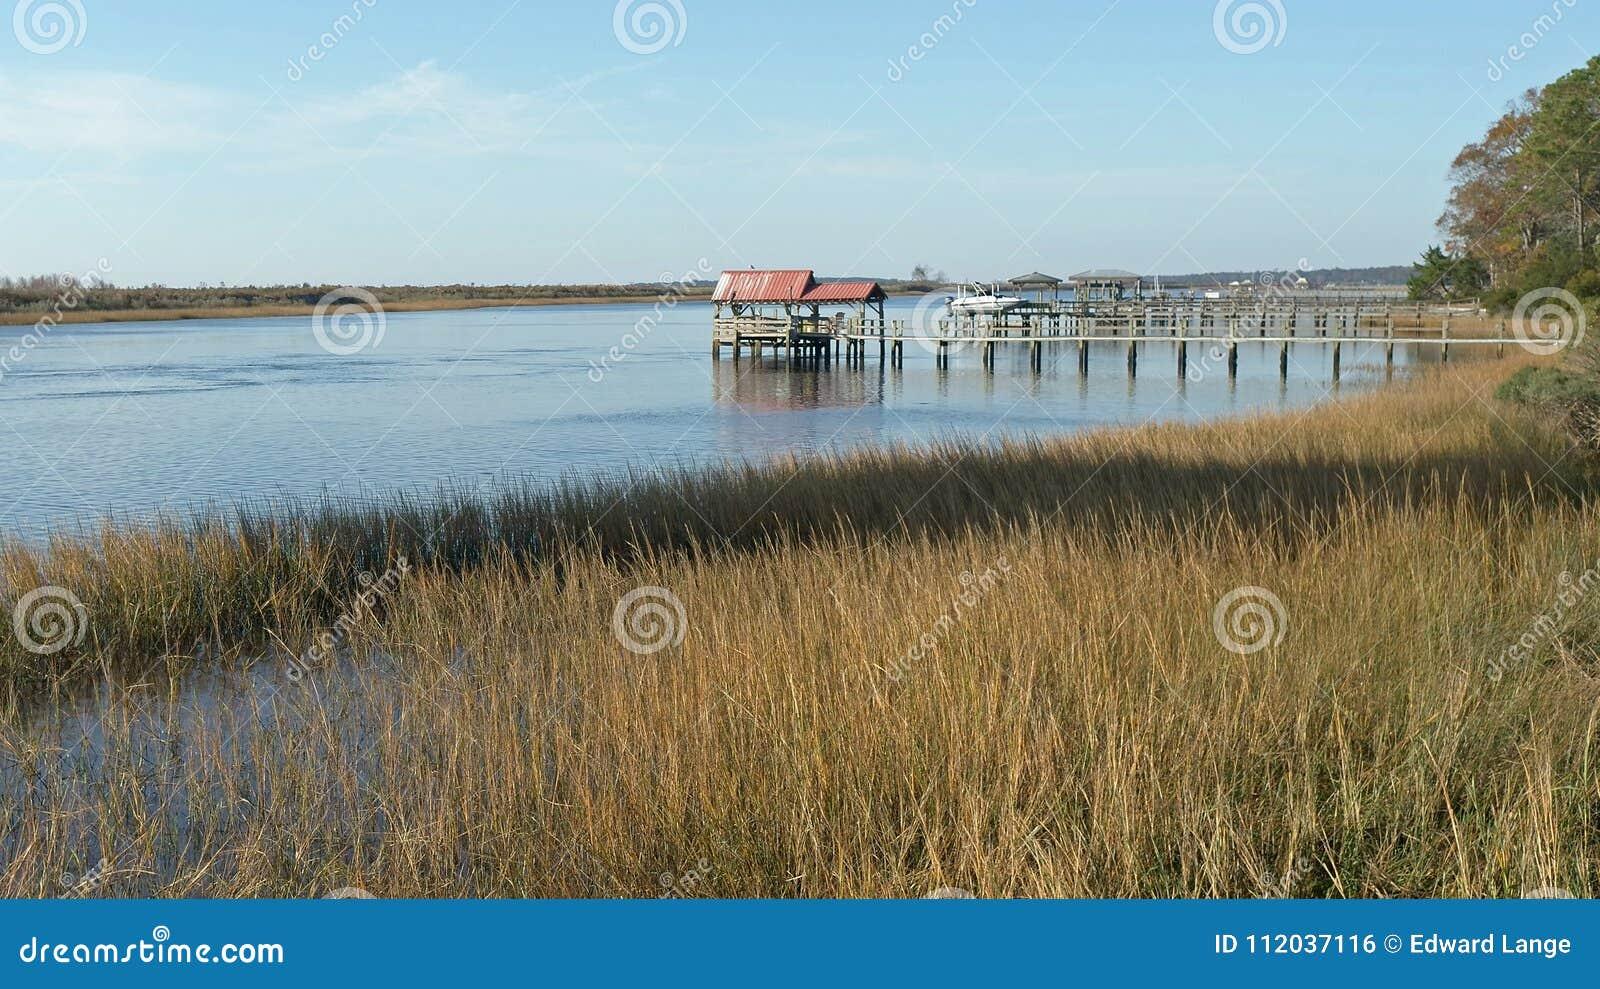 Intracoastal Waterway Boat Docks On A Sunny Day Stock Photo